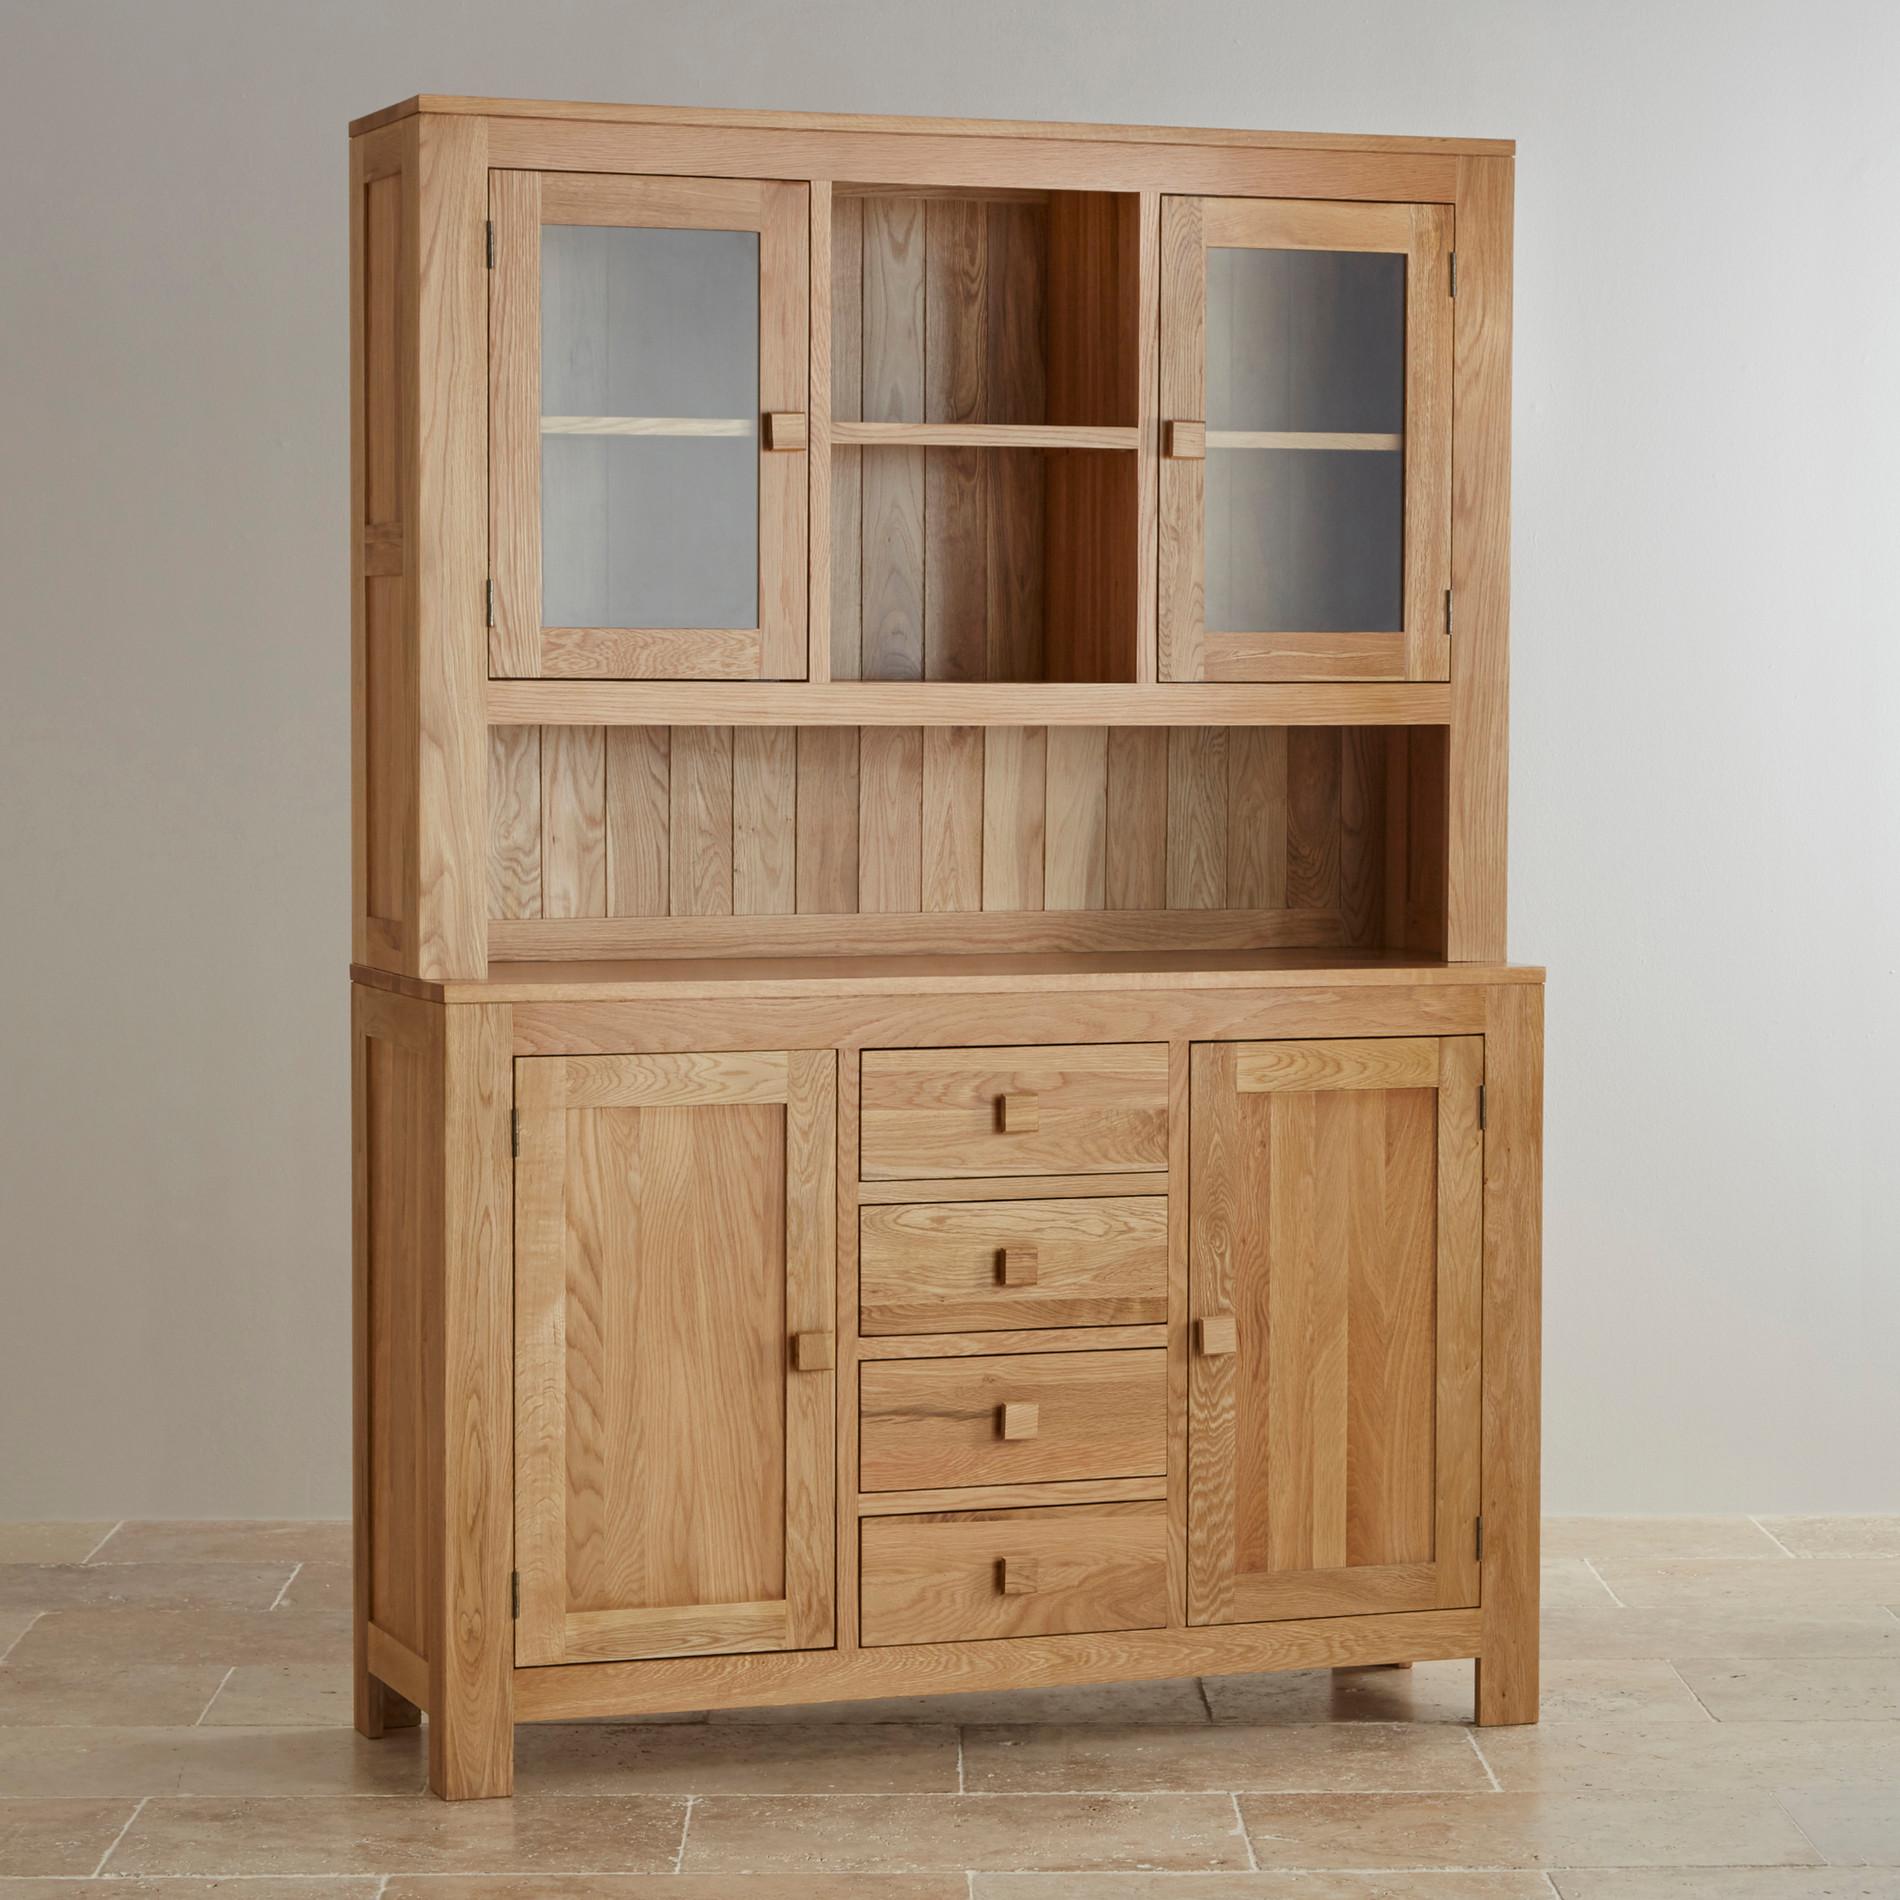 . Oakdale Large Welsh Dresser in Natural Solid Oak